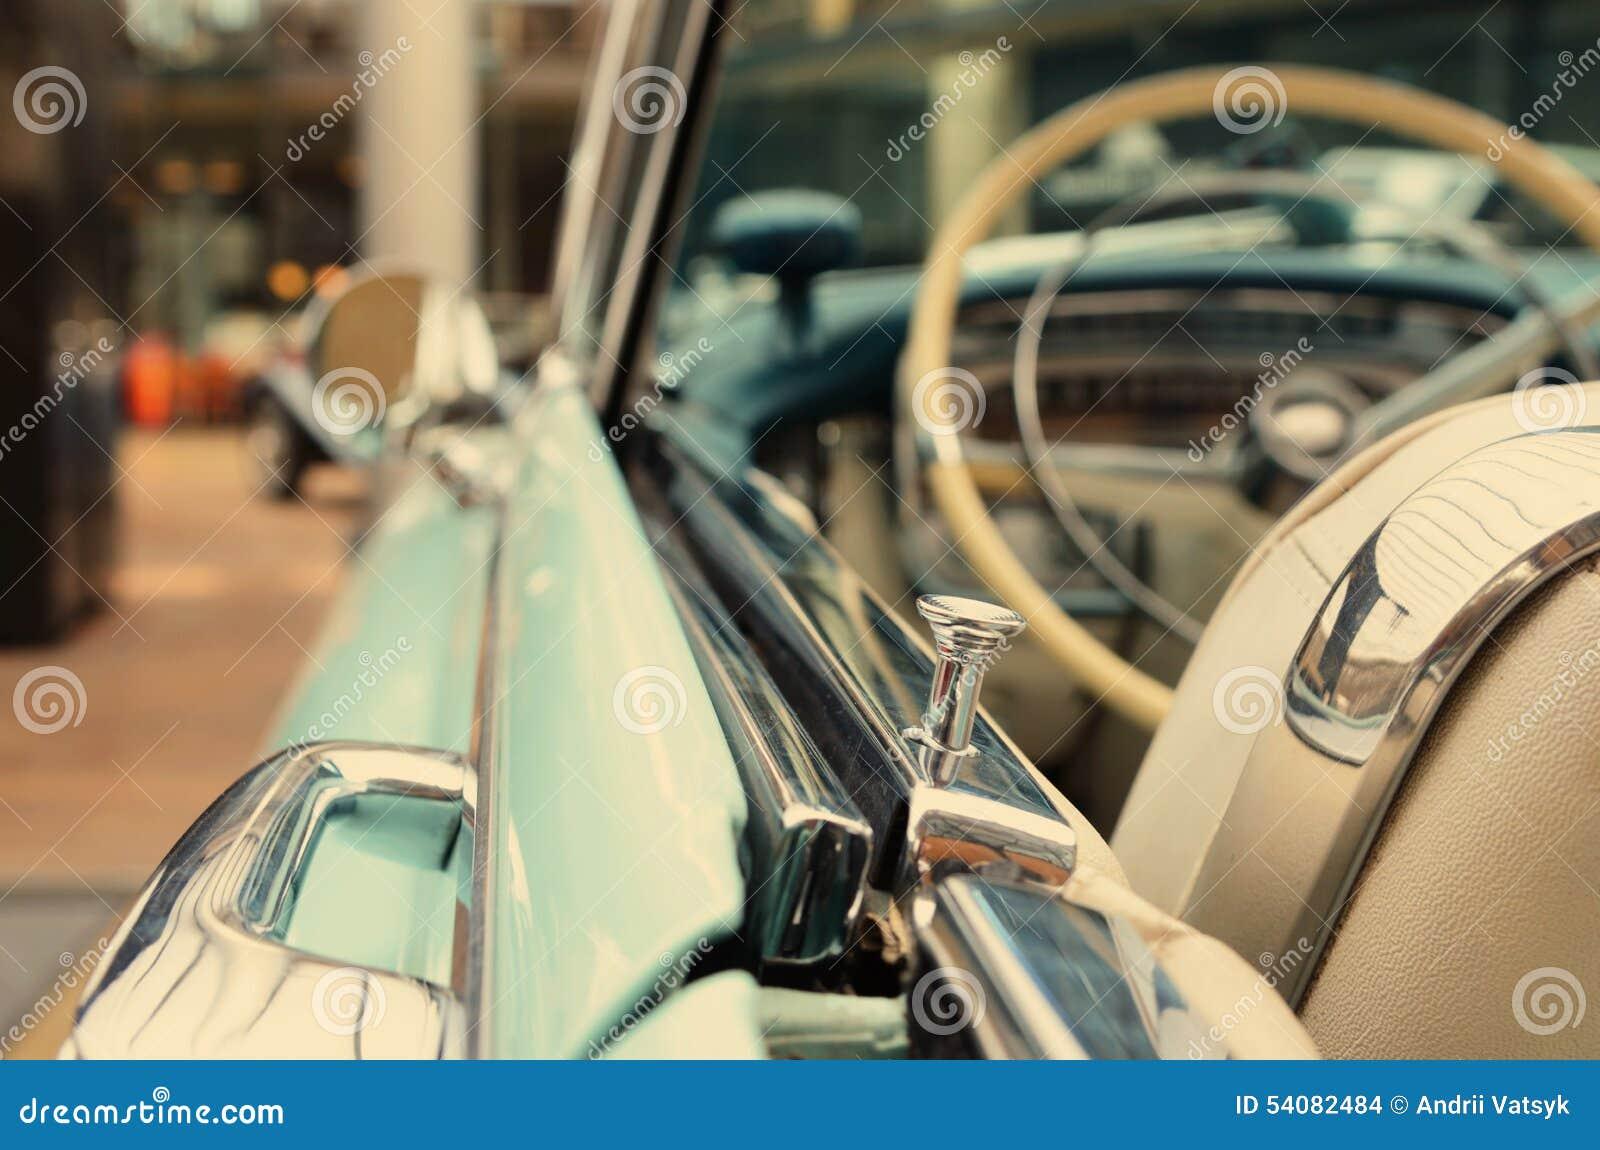 Interessant ontwerp van oude auto met originele koplamp en bumper